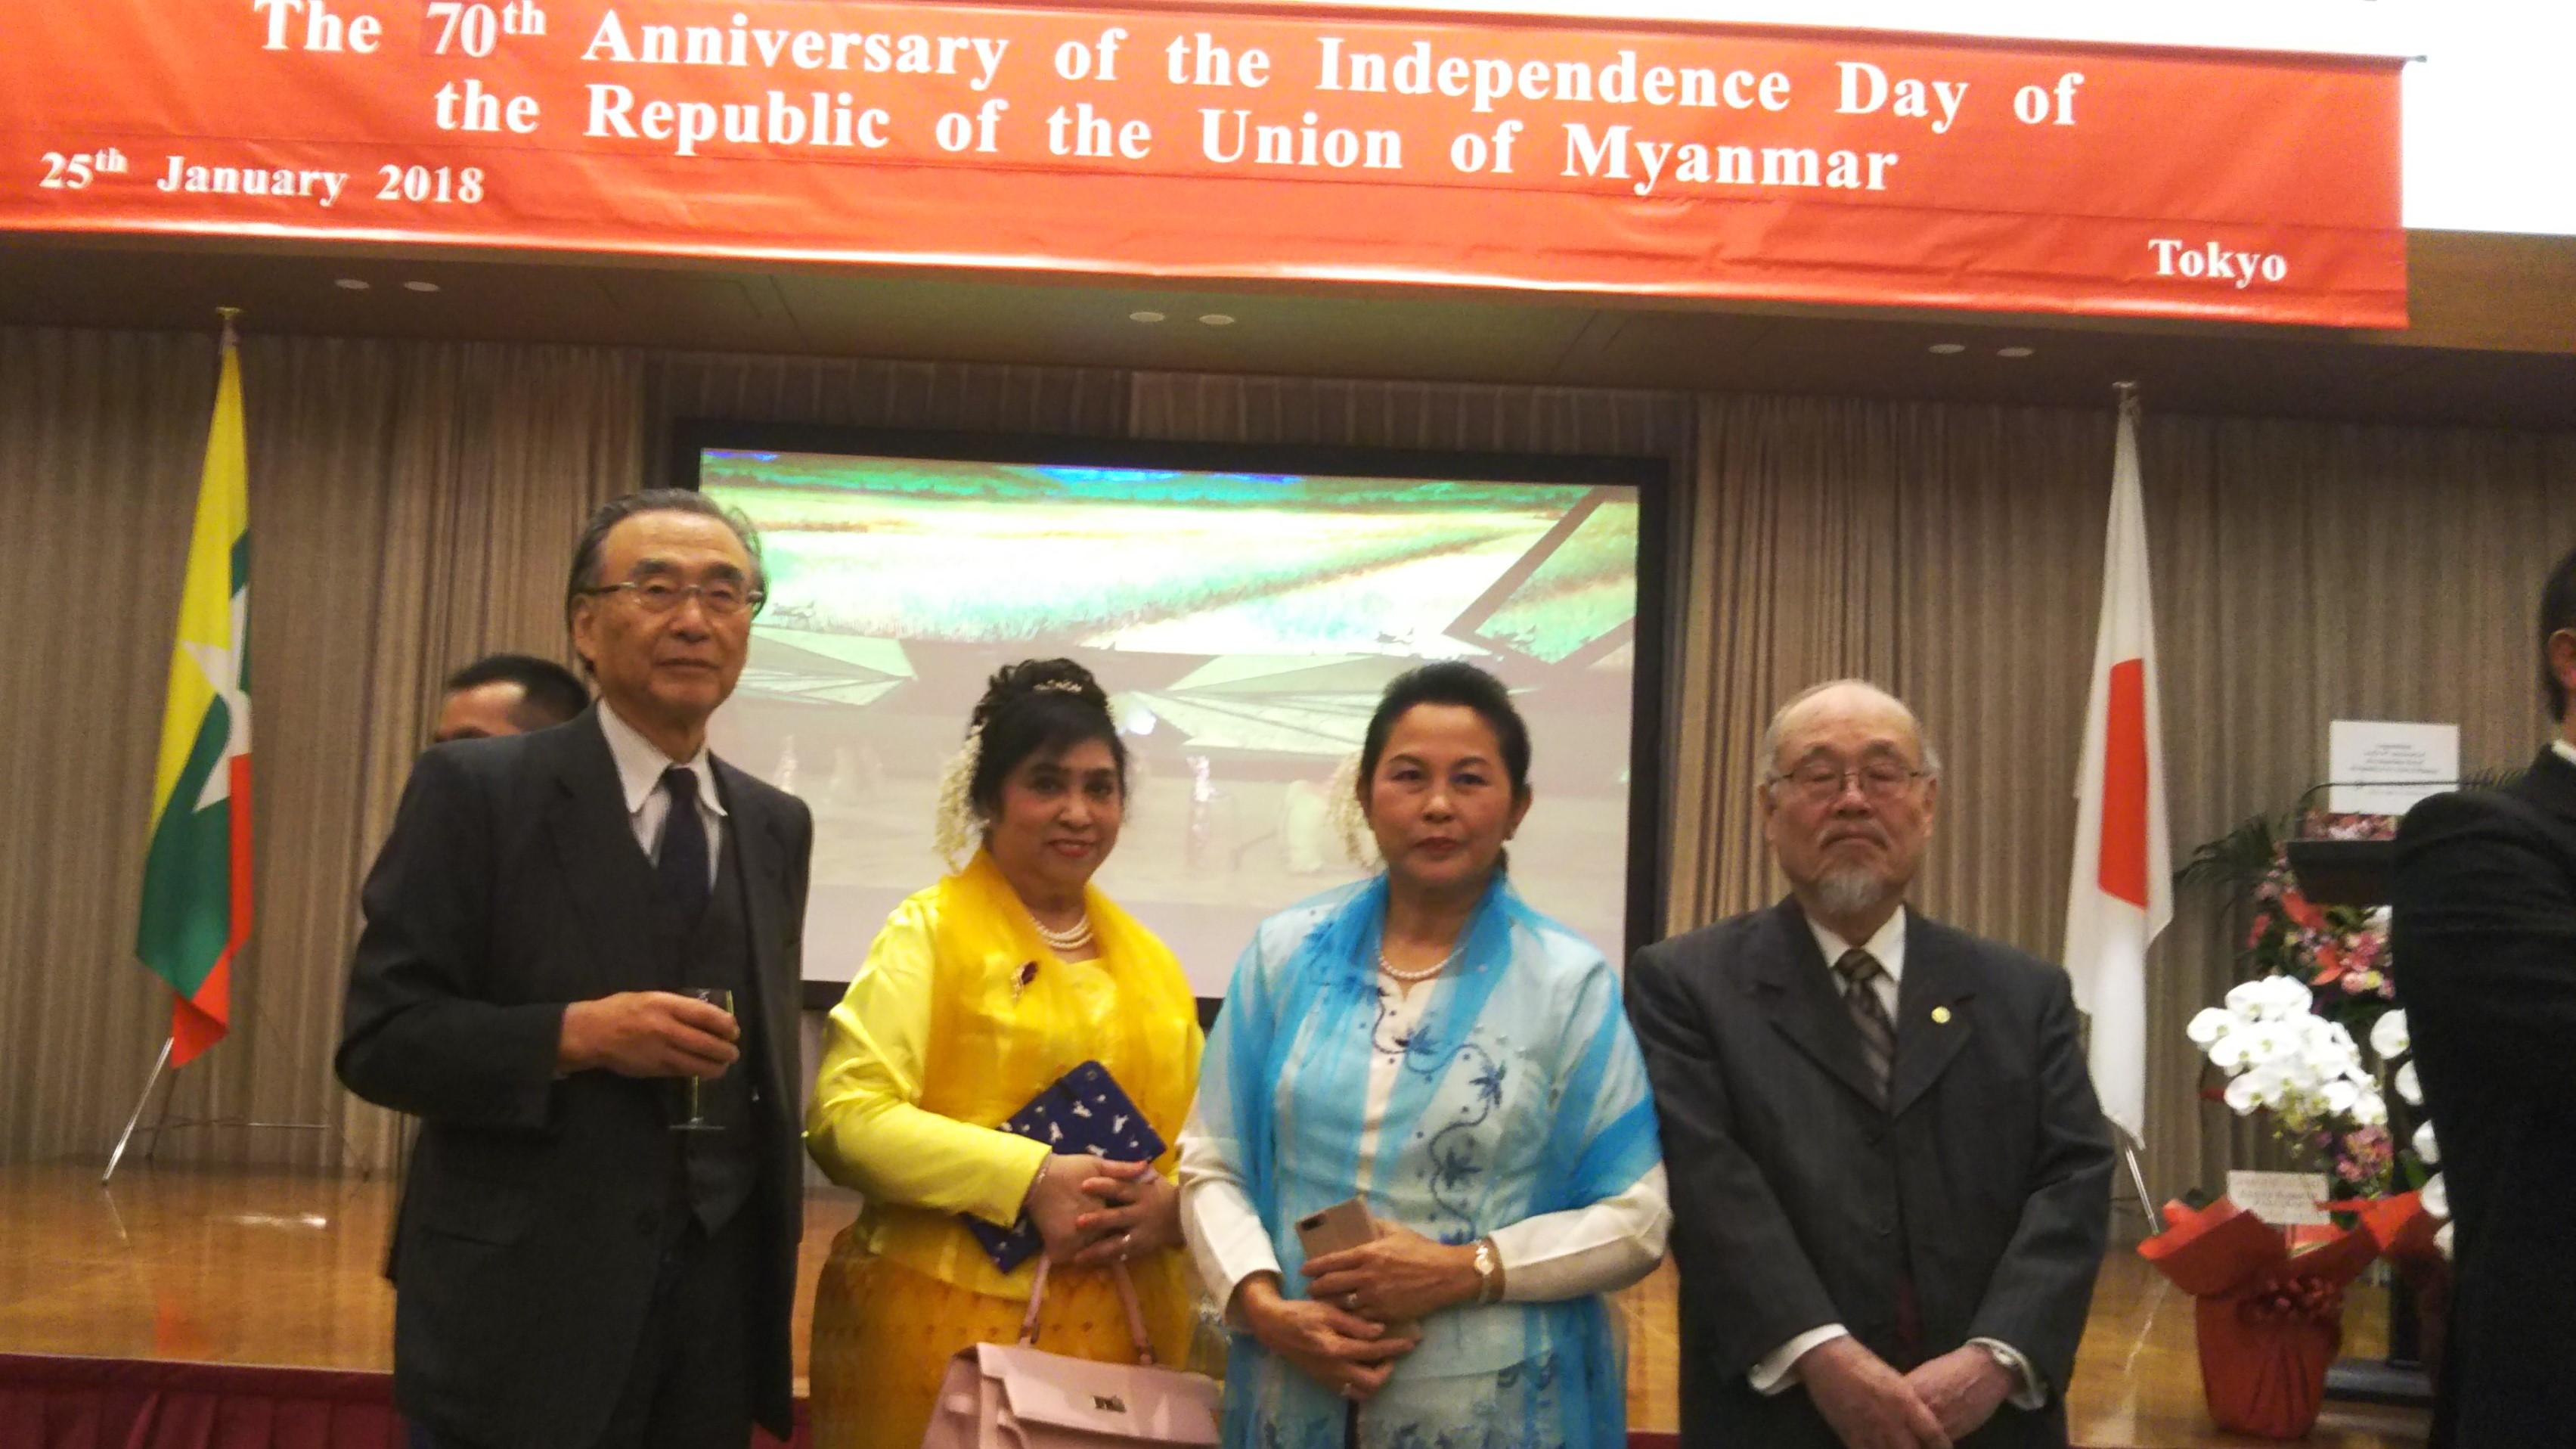 一般社団法人 日本ミャンマー友好協会